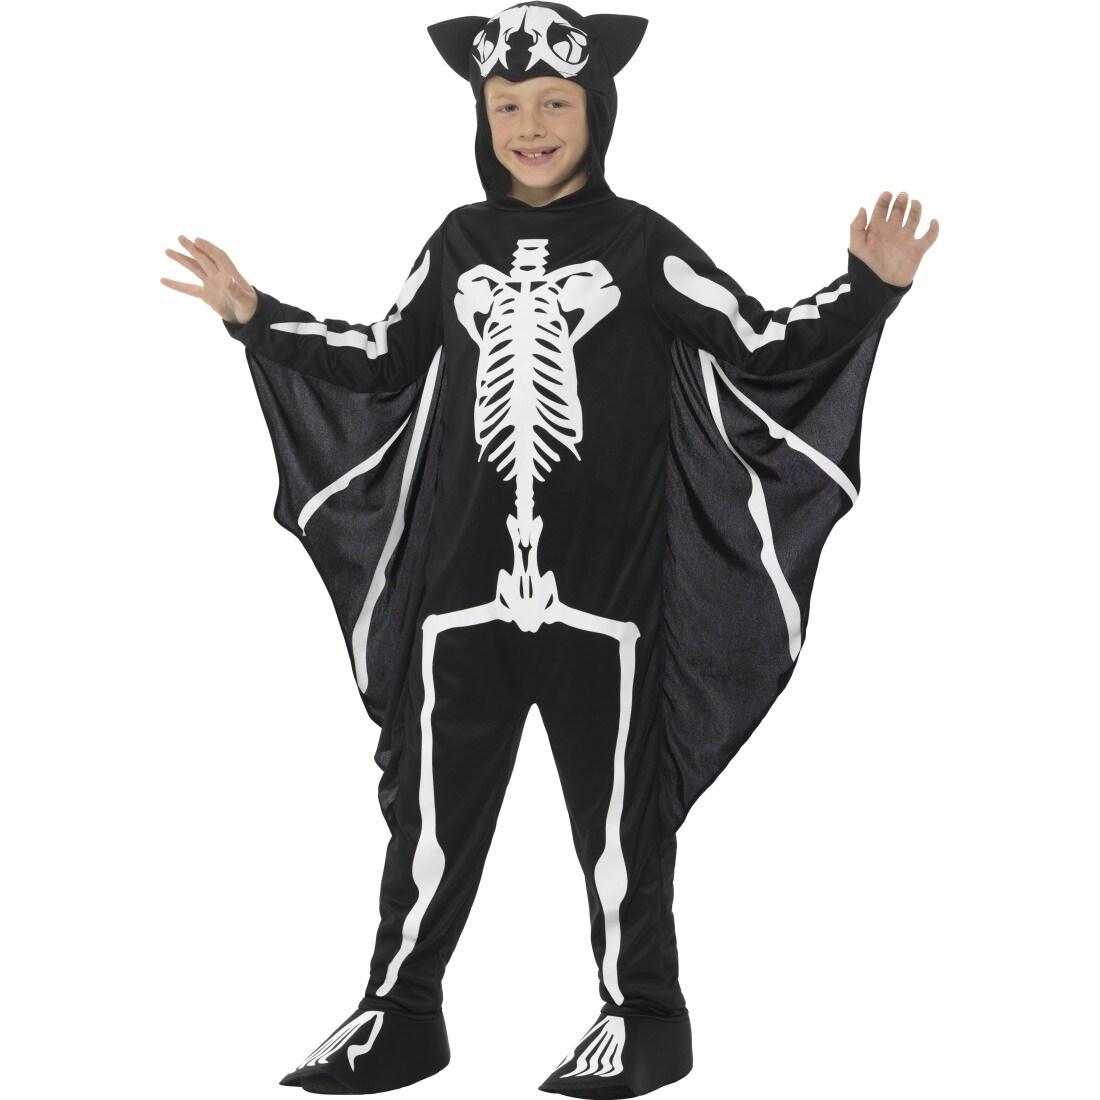 fledermaus kost m kind kinderkost m skelett 23 99. Black Bedroom Furniture Sets. Home Design Ideas